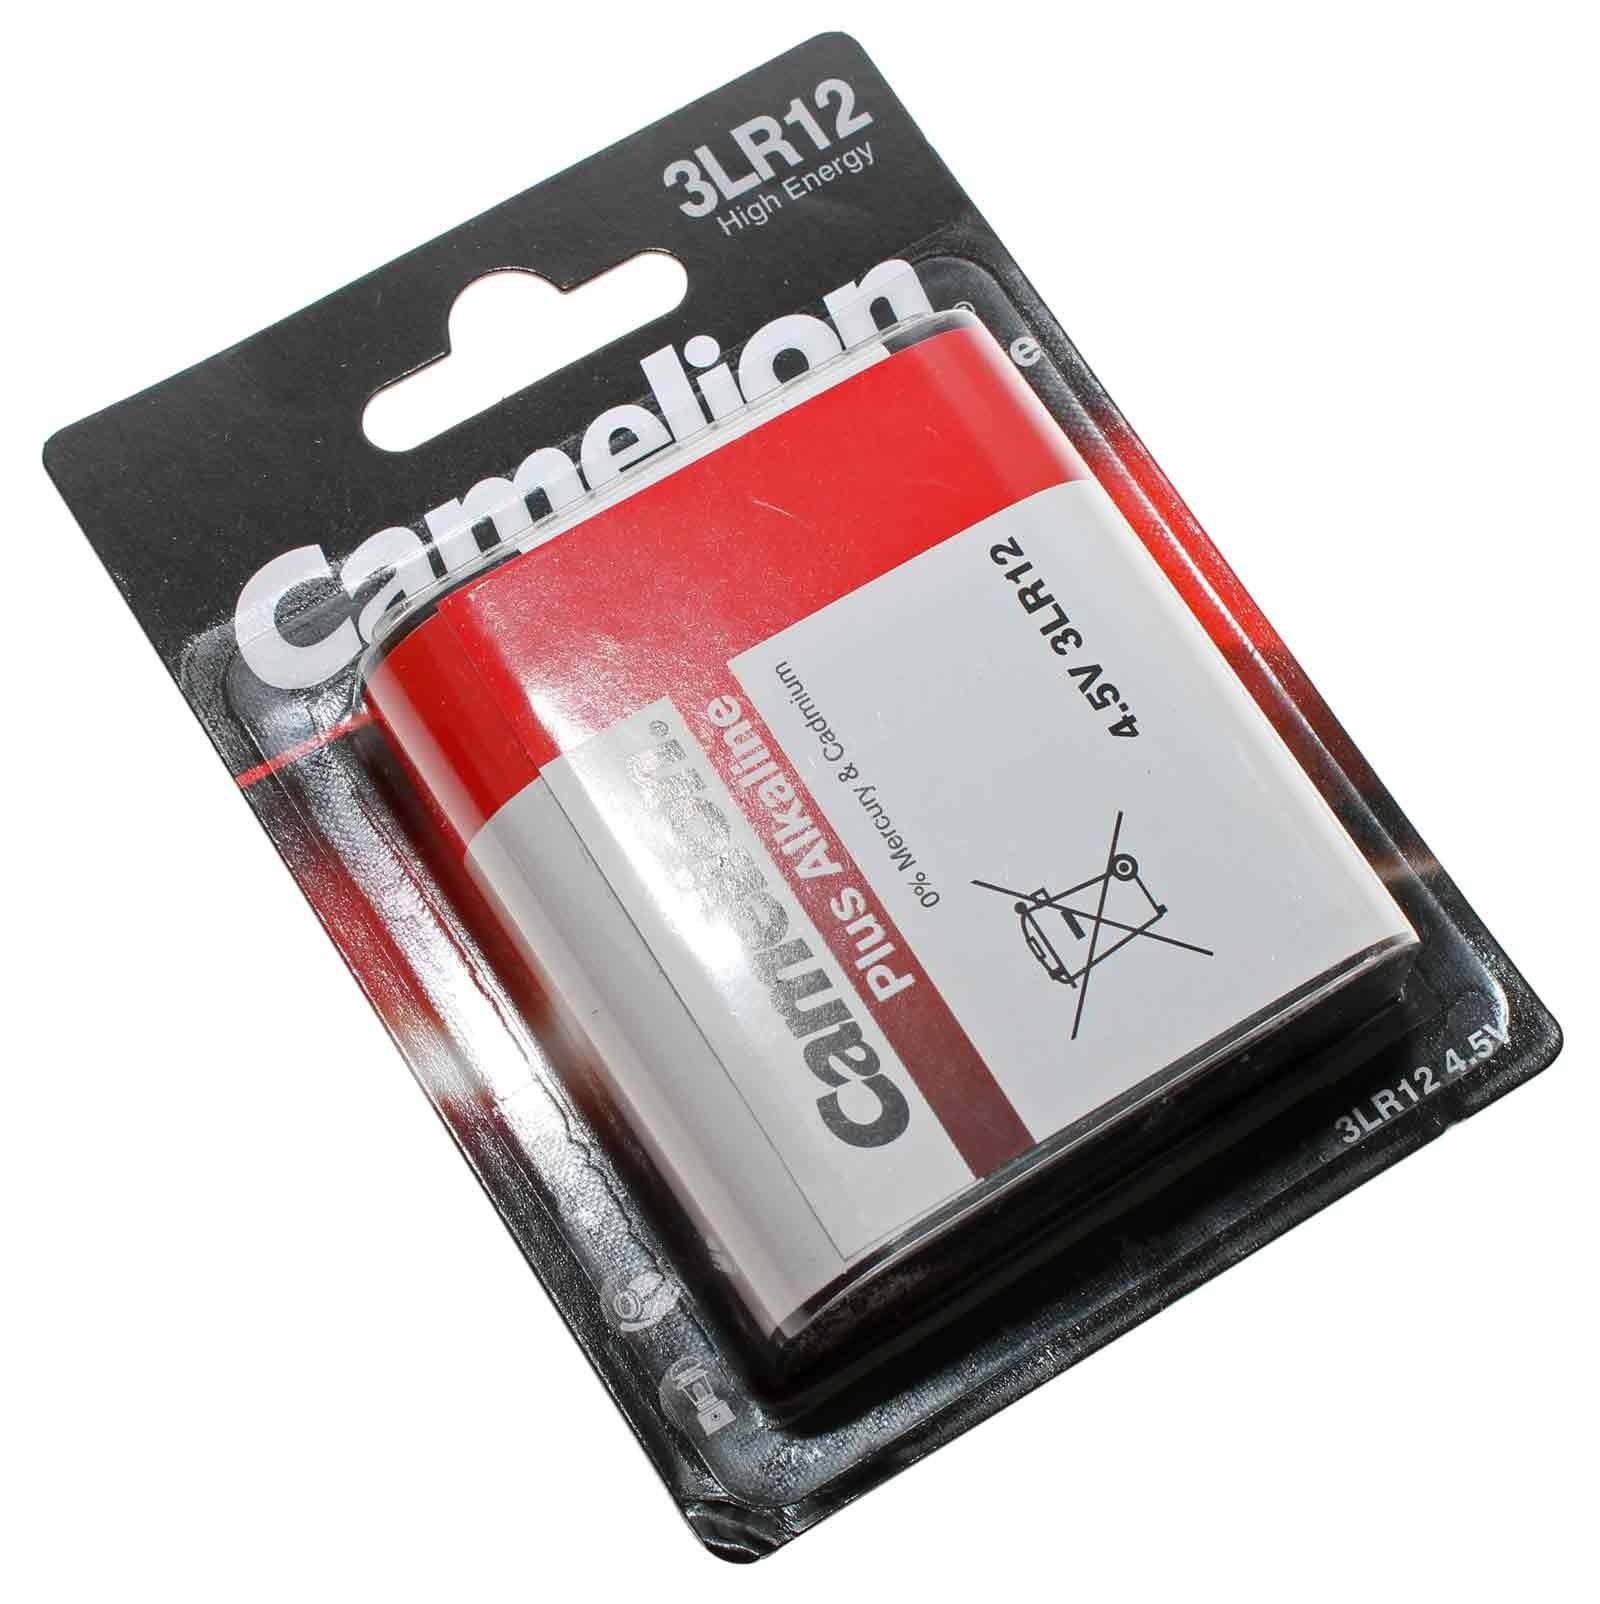 Camelion 3LR12 Plus Alkaline Flachbatterie mit 4,5 Volt und 3000mAh Kapazität